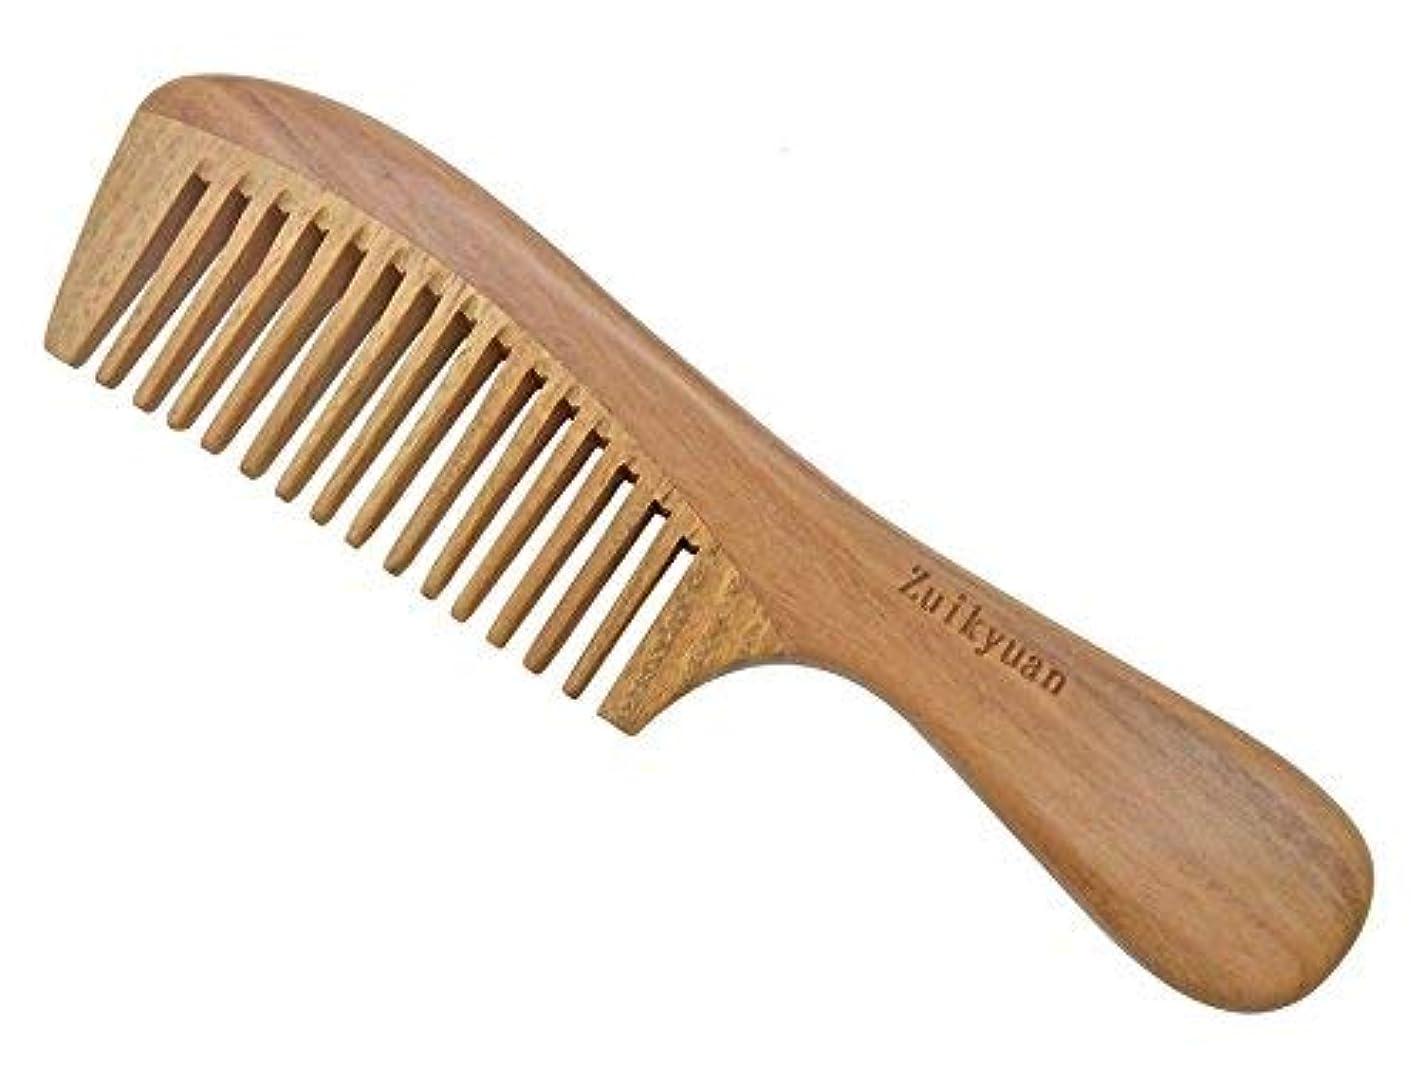 自信があるバーターラショナルSandalwood Wide Tooth Hair Comb Handmade Wooden comb with Premium Gift Box [並行輸入品]